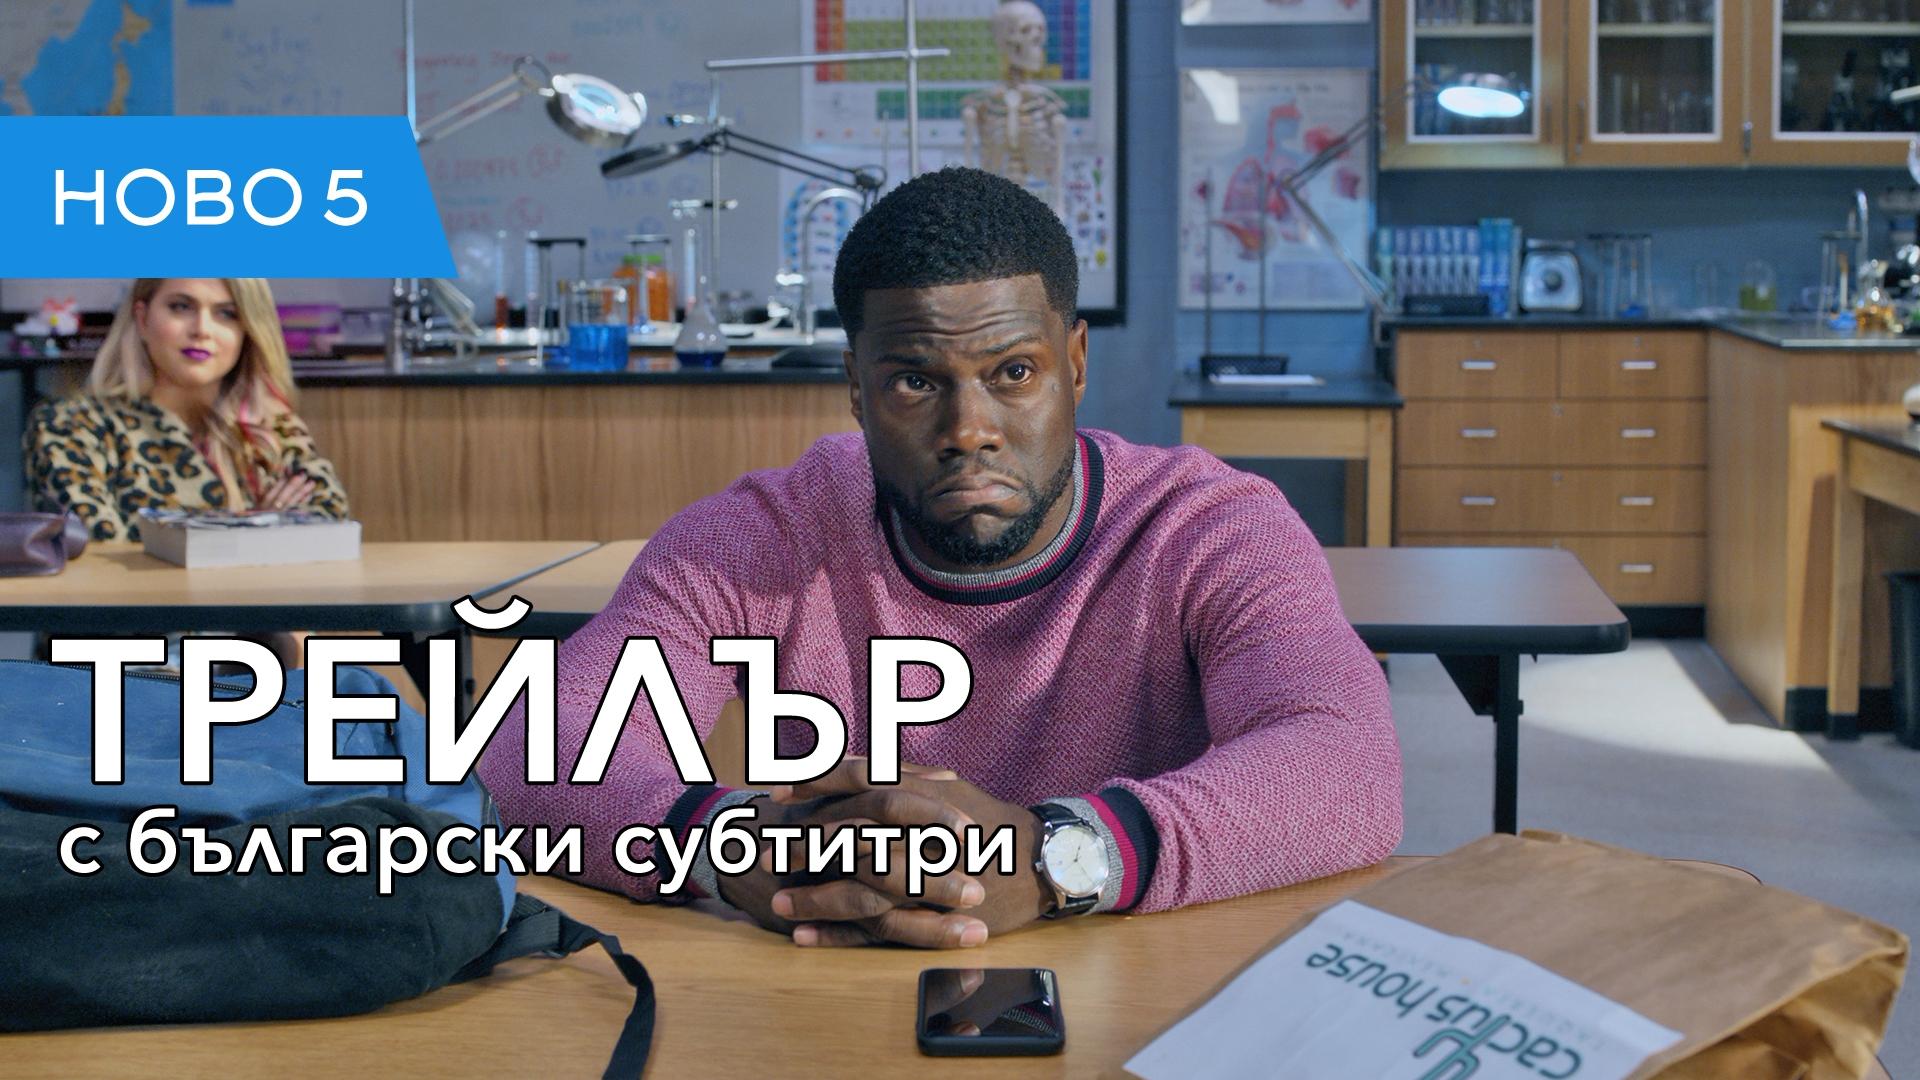 Вечерно училище (2018) трейлър с български субтитри